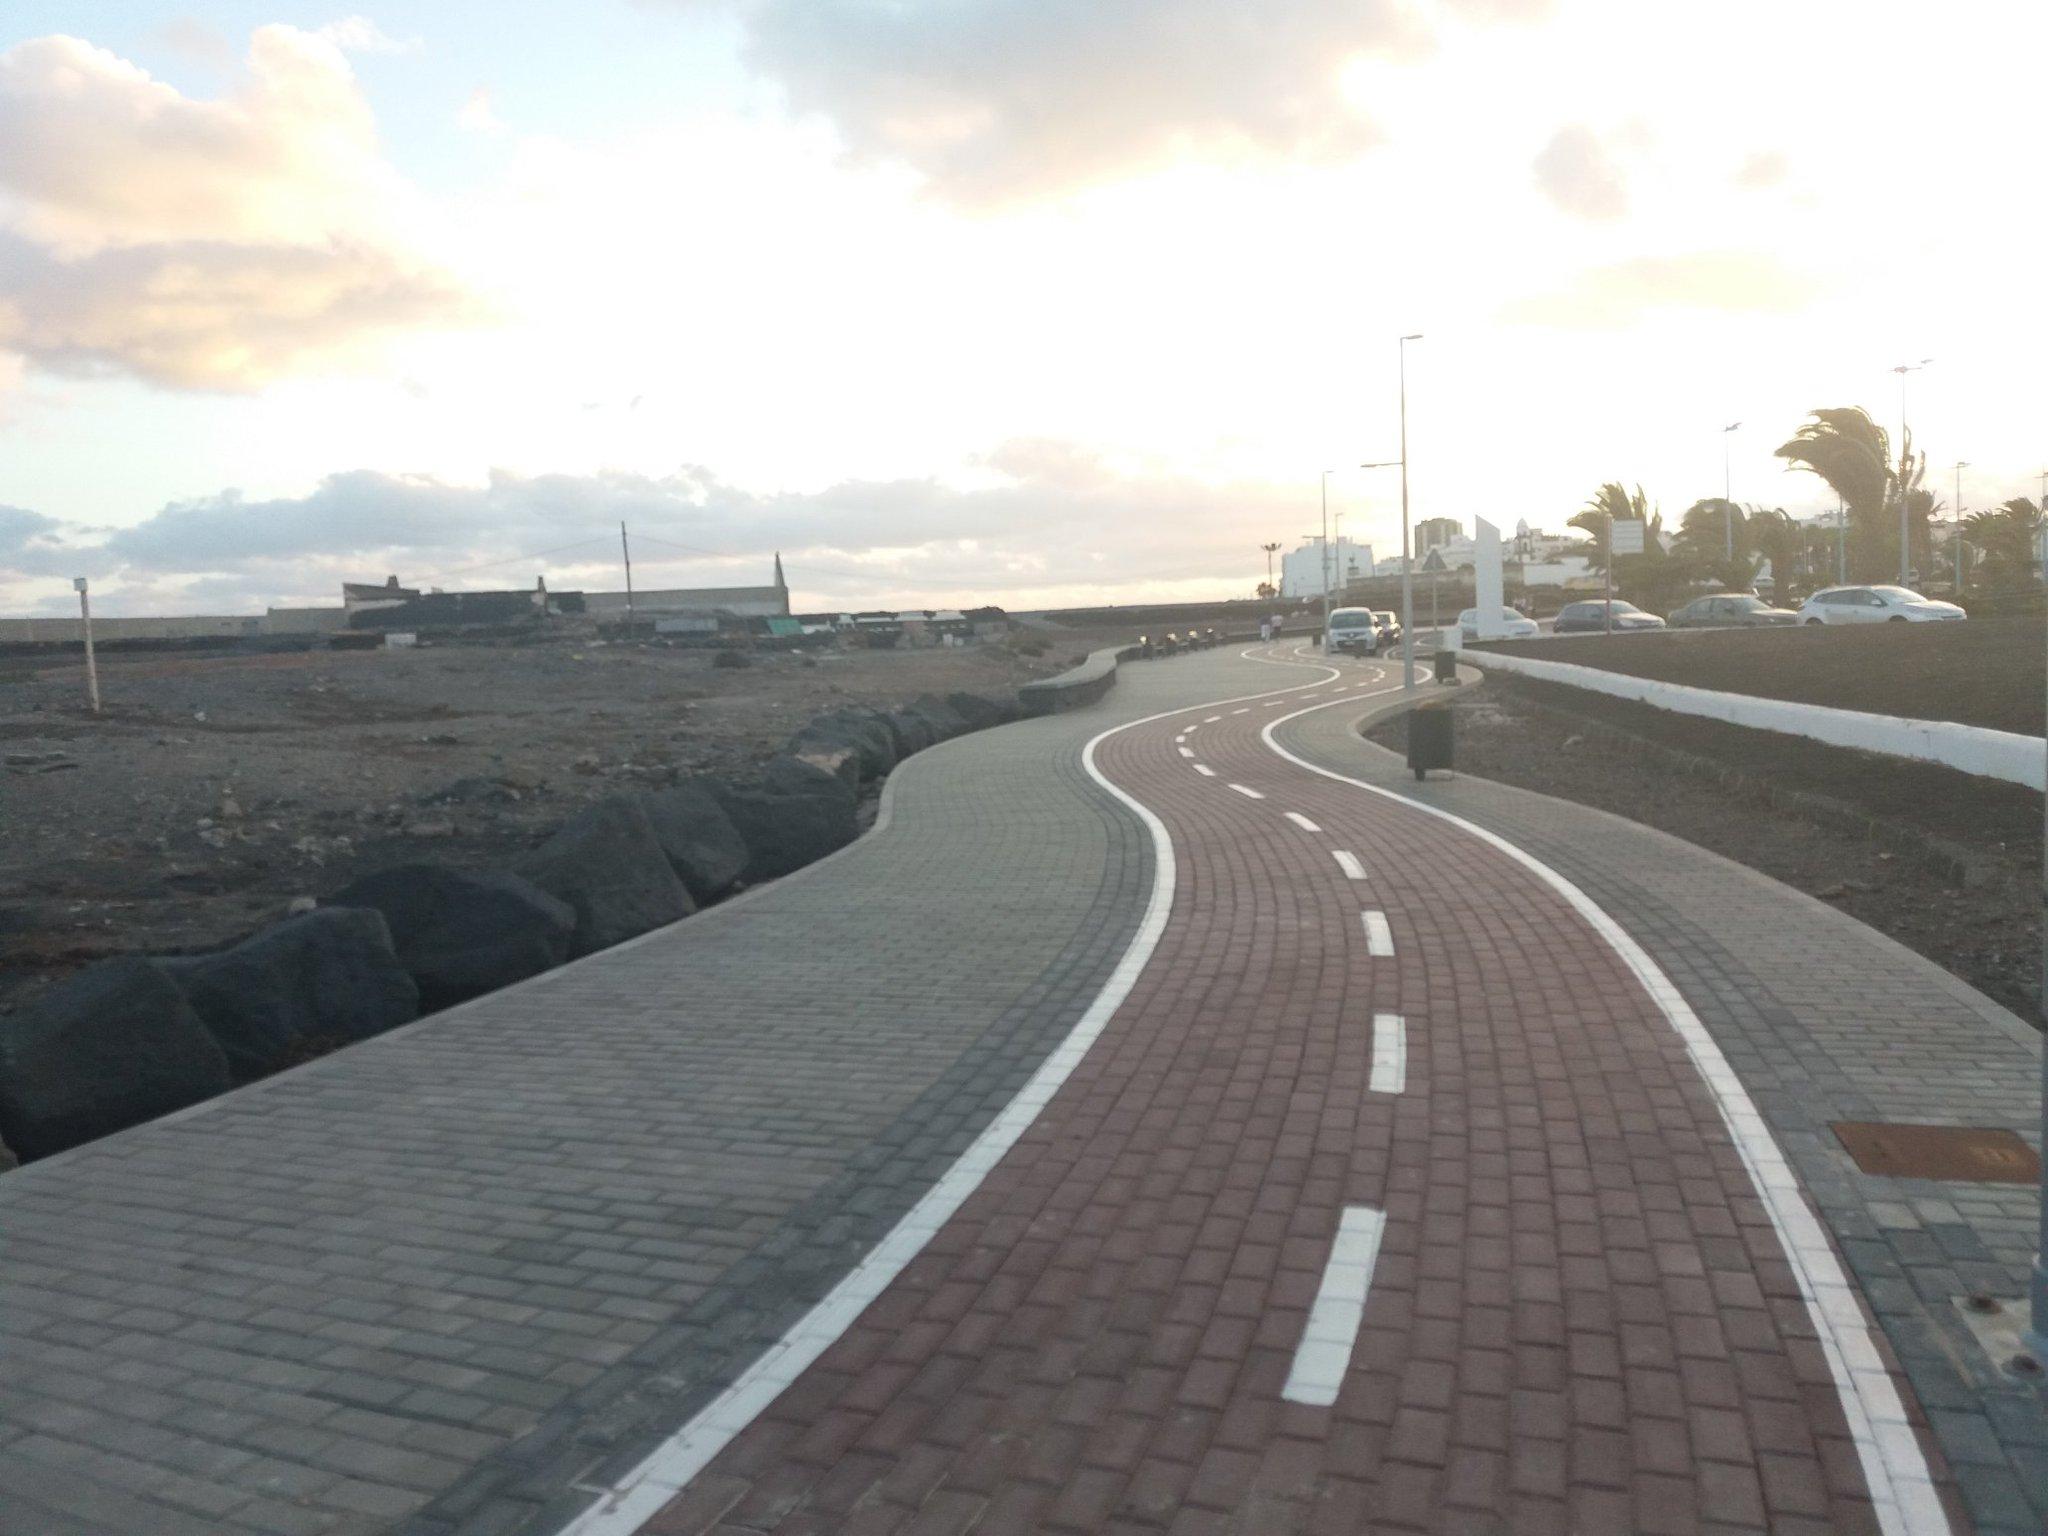 Si puedes, pilla la bici para venirte a @ArrecifeenVivo. ¡Menos humos, mejor ambiente!  ������ https://t.co/d9rmYuNBW1